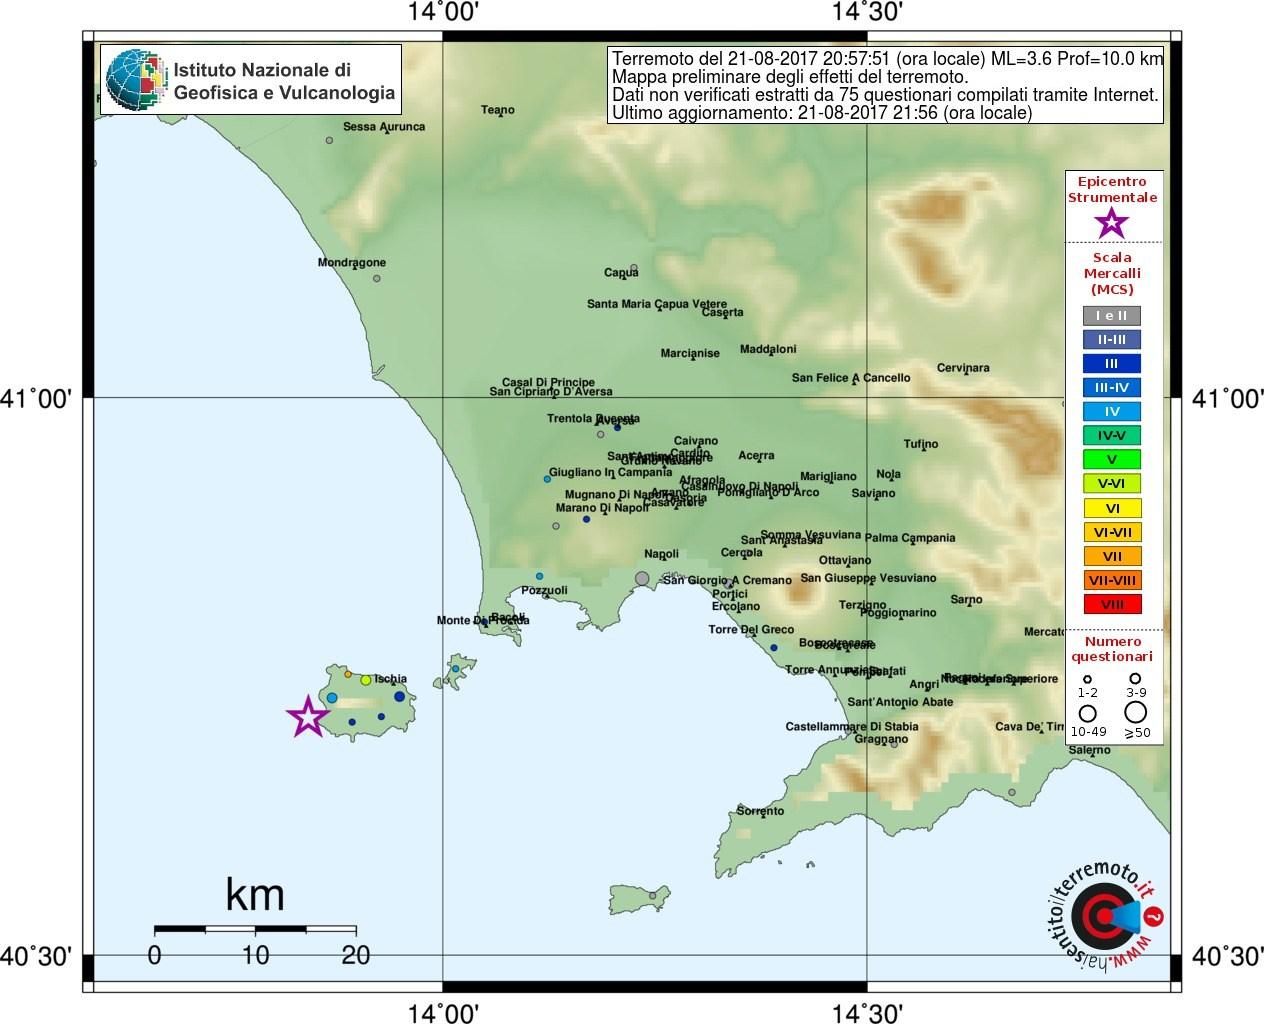 Terremoto Ischia: estratto vivo anche Ciro, il terzo fratellino intrappolato